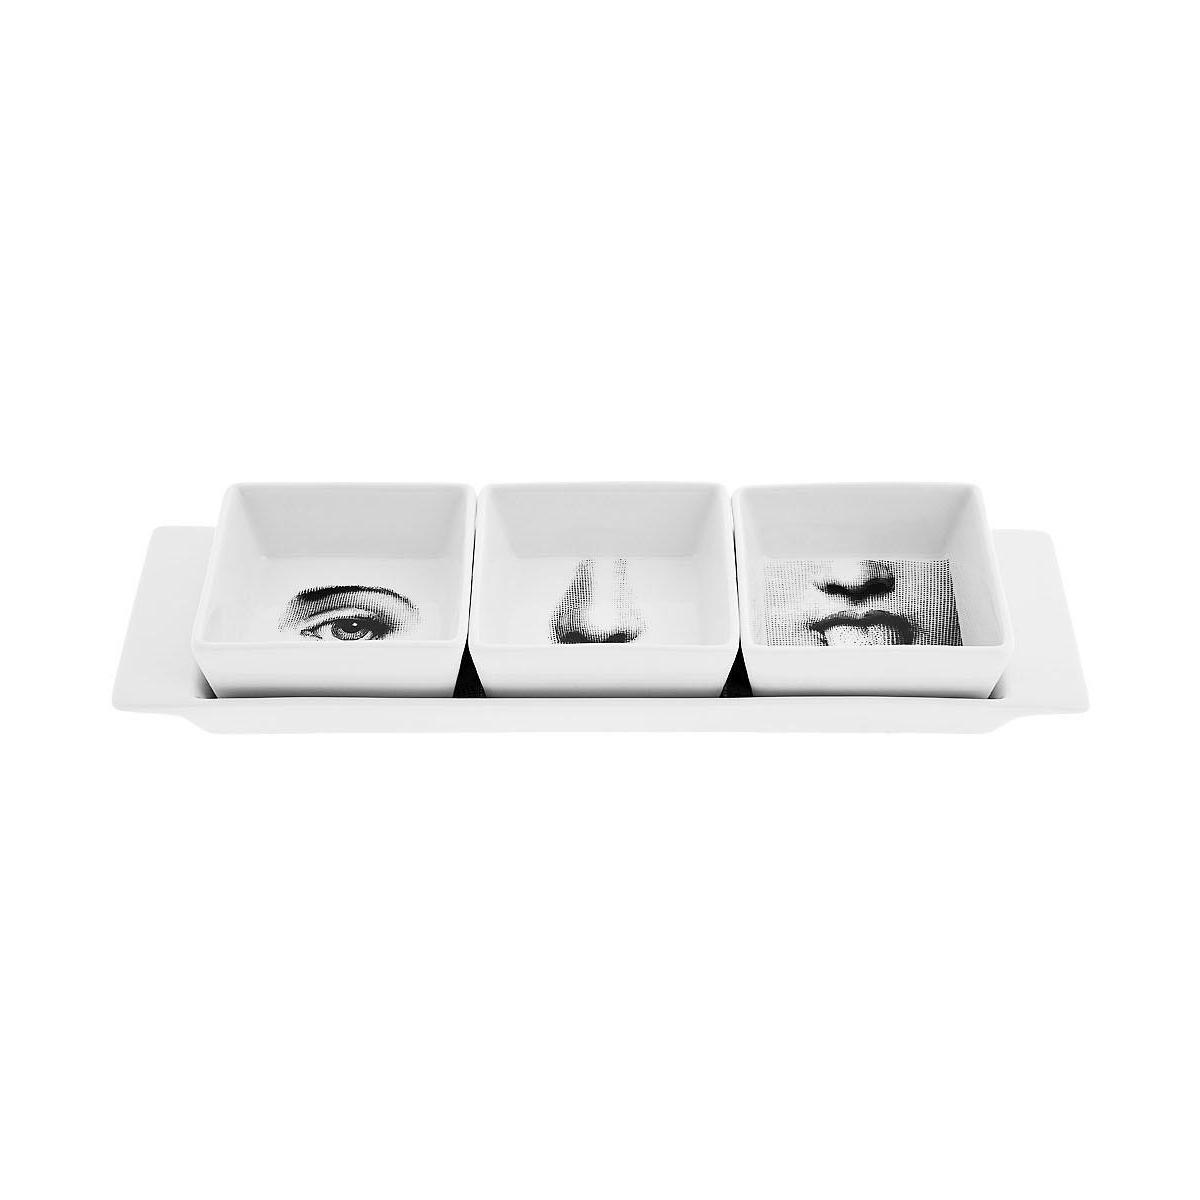 FORNASETTI China tray set